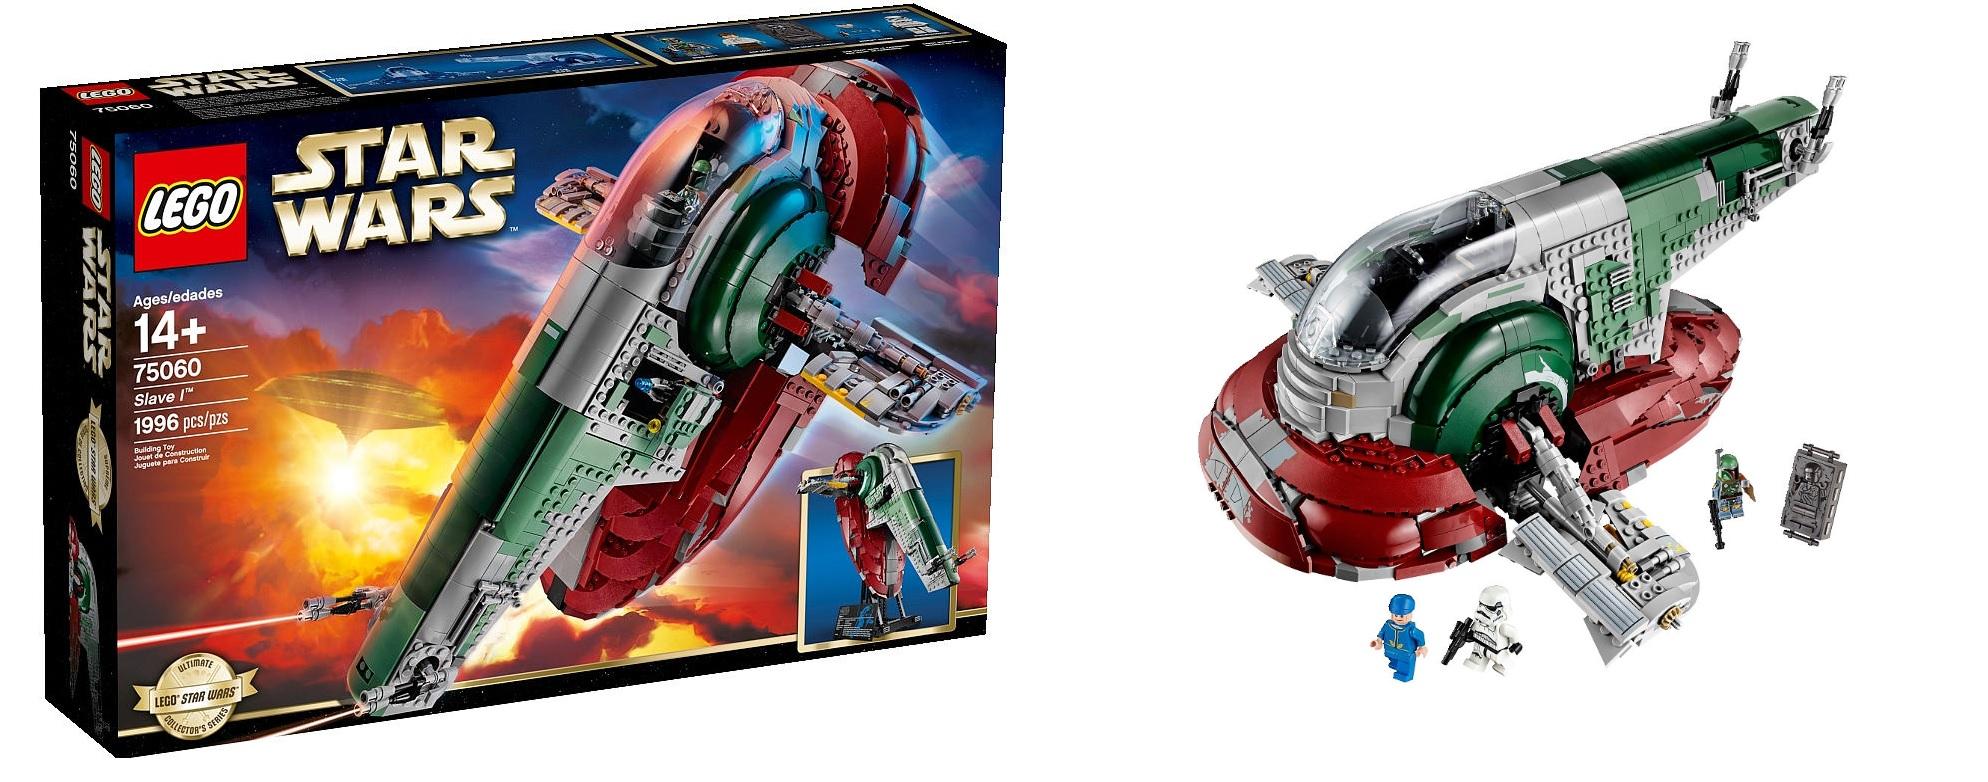 Lego star wars 75060 ucs slave i set pictures